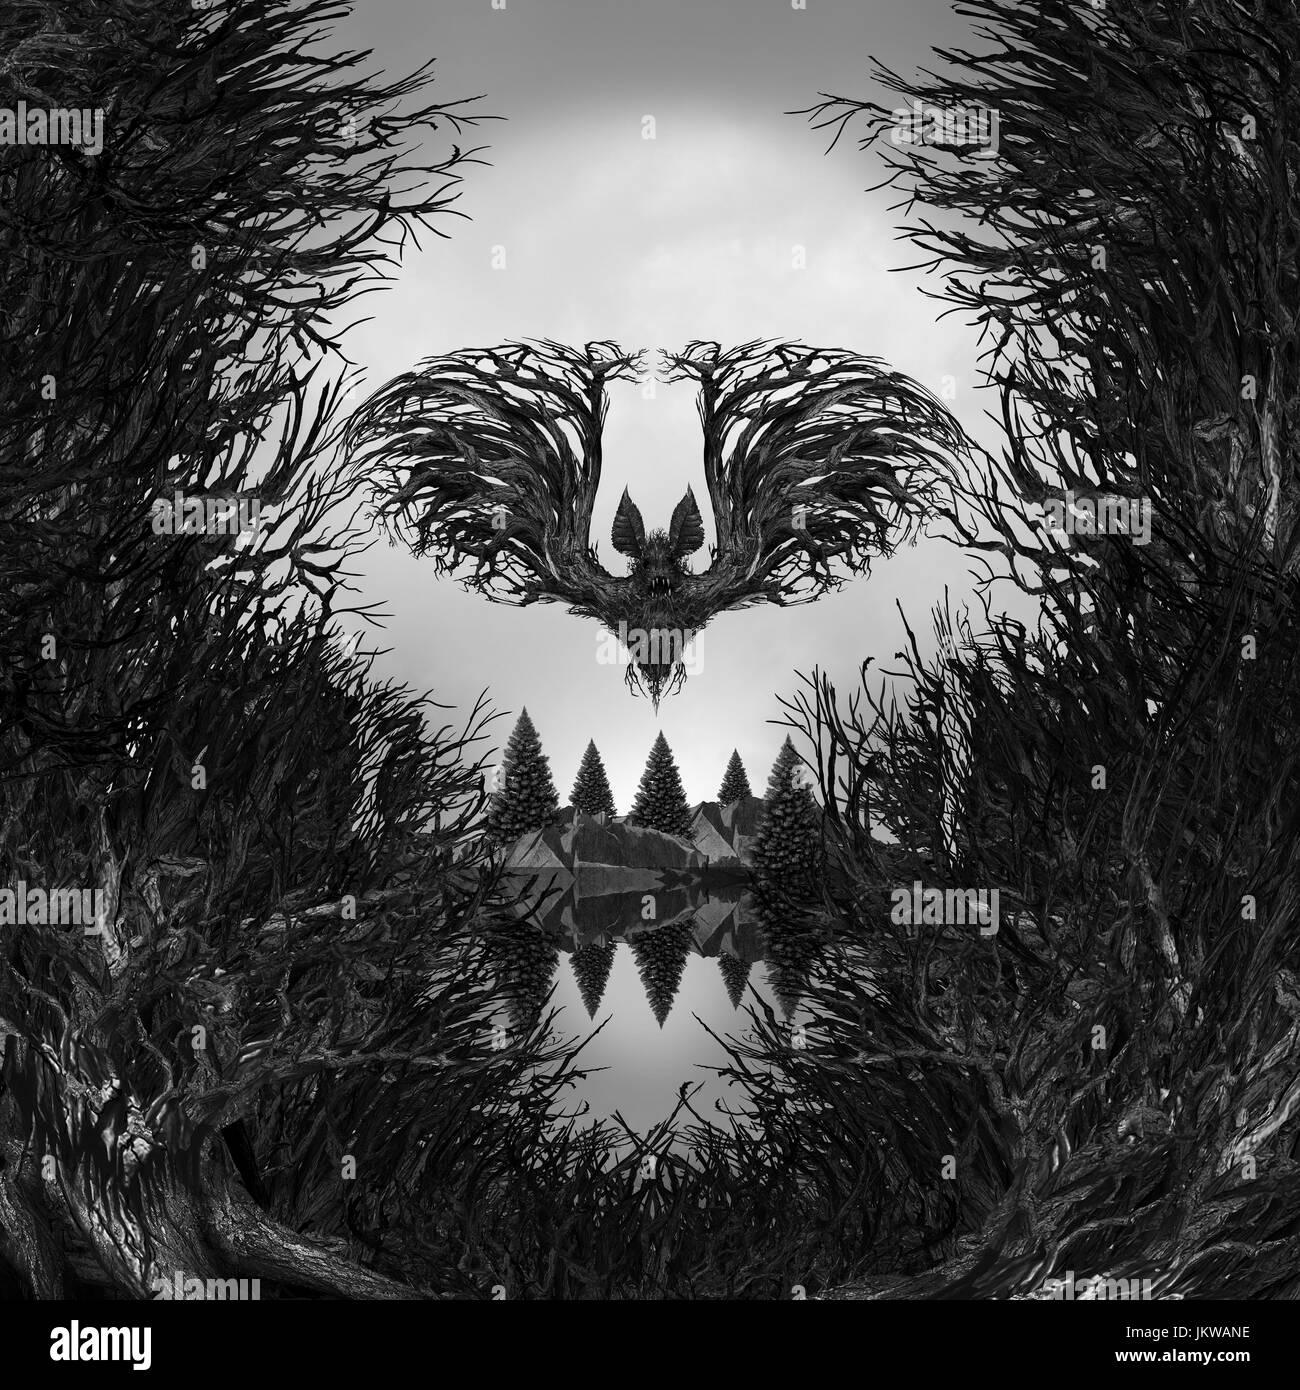 Gruselige Schädel Hintergrund als ein surreal-haunted Wald mit toten Bäumen und Berg geformt wie ein besessener Stockbild